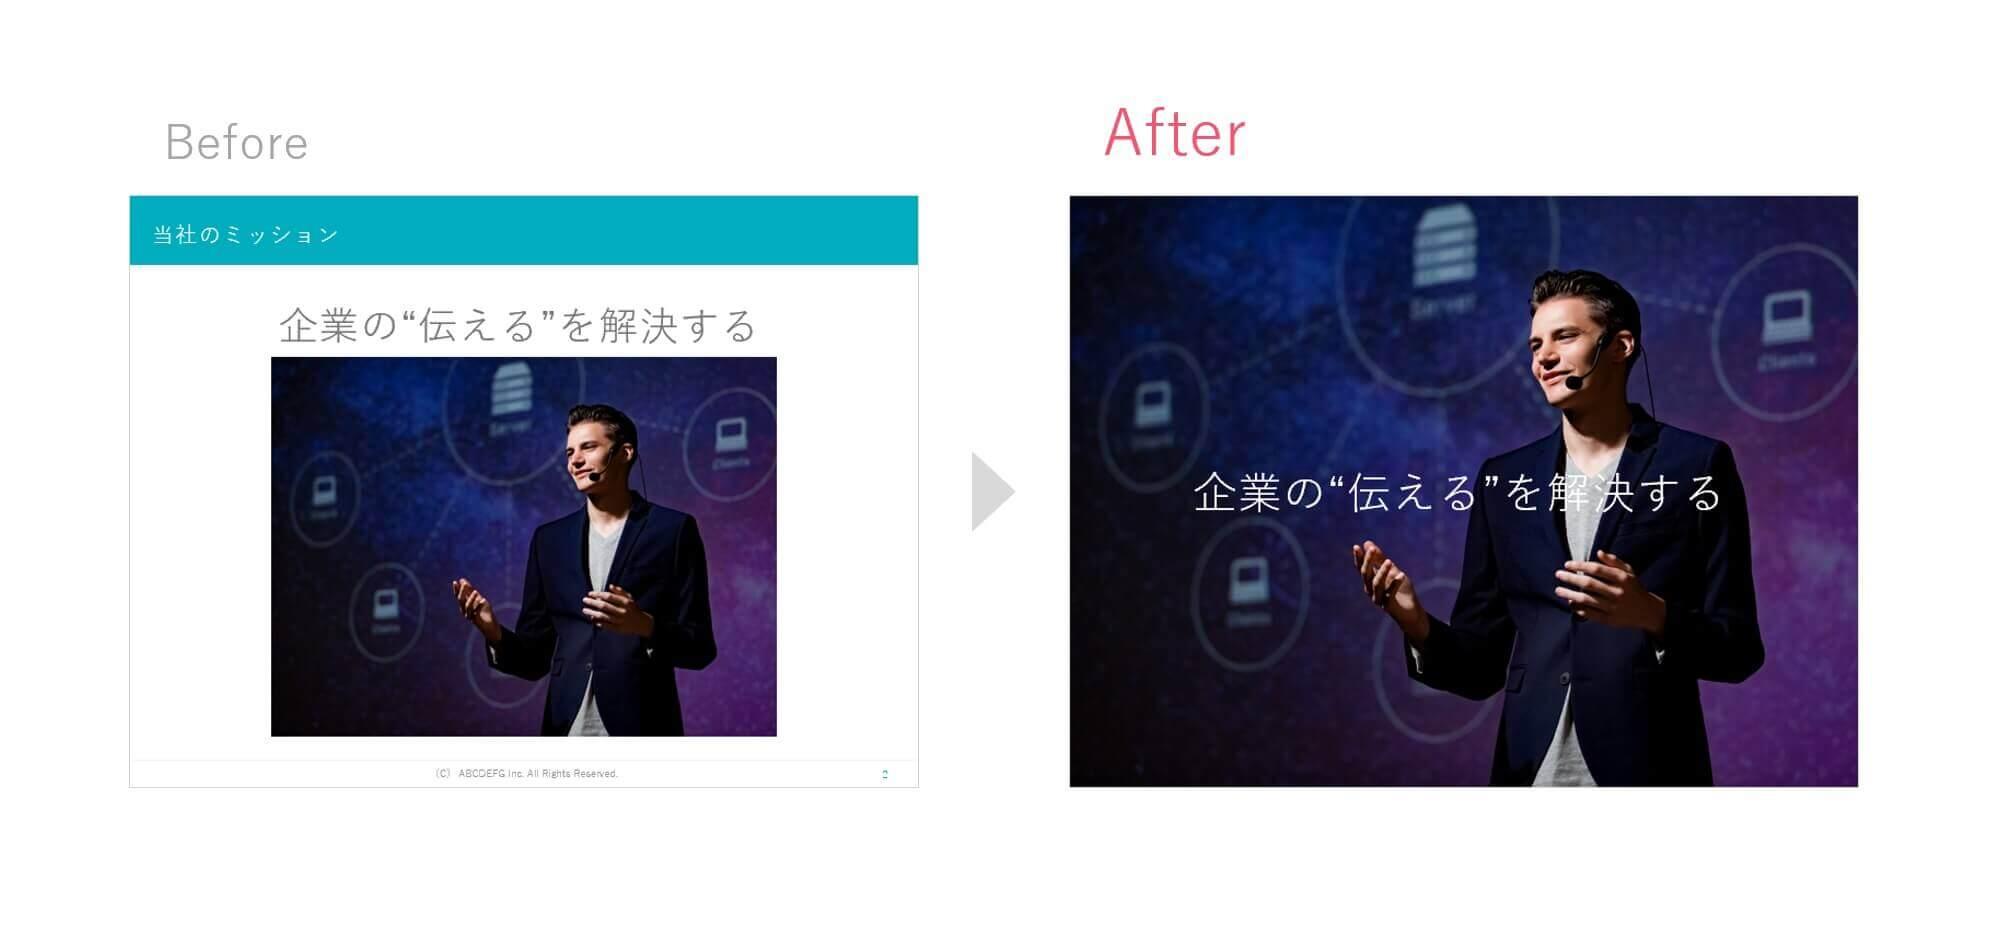 画像一部 vs 画像全面のスライド